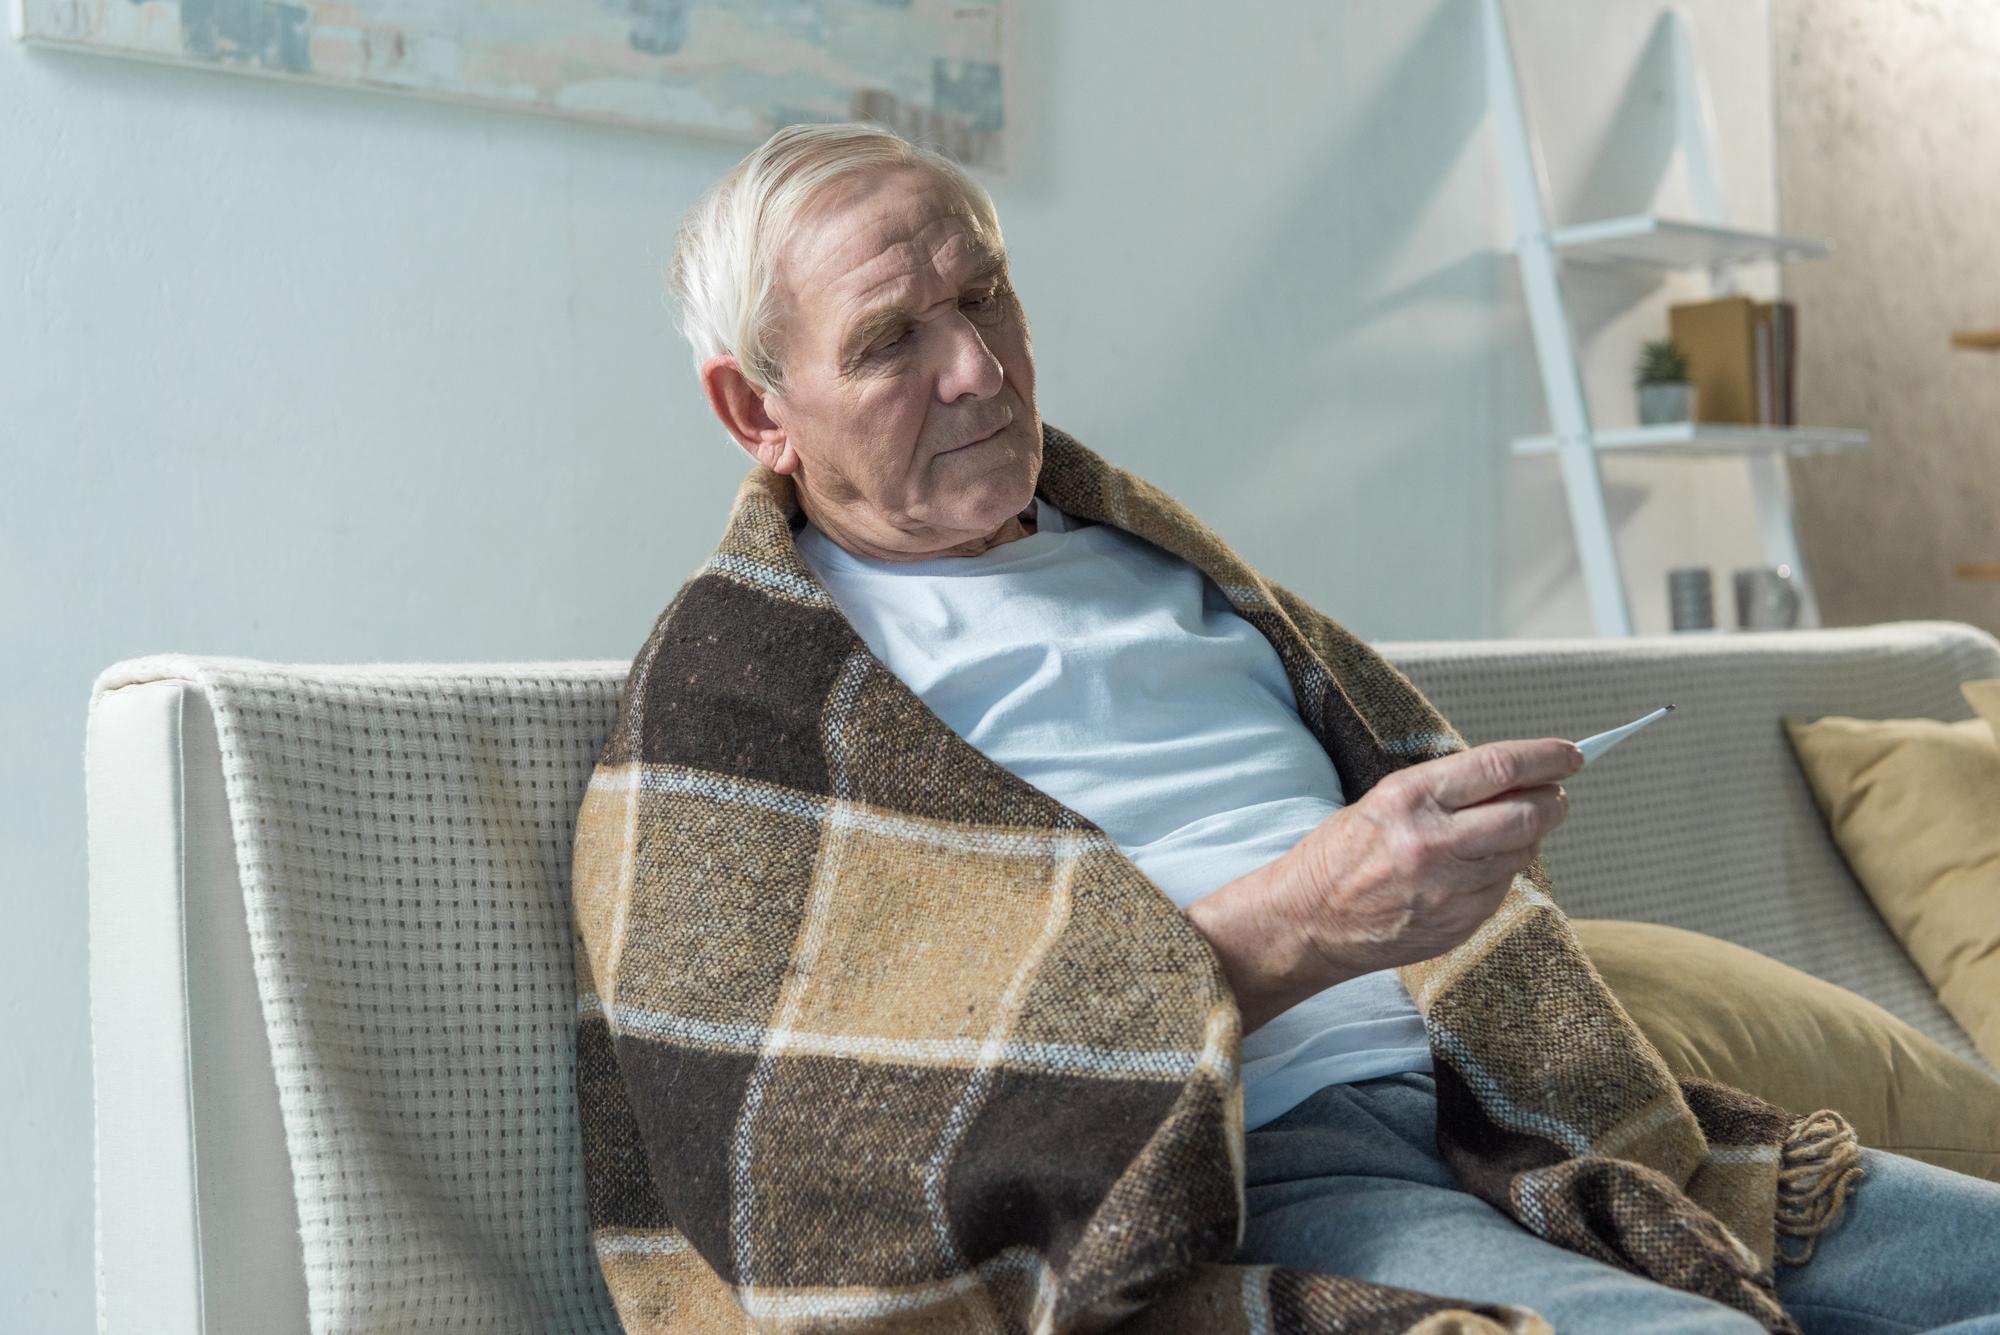 Роспотребнадзор: число новых случаев COVID-19 за сутки снизится не раньше февраля-марта